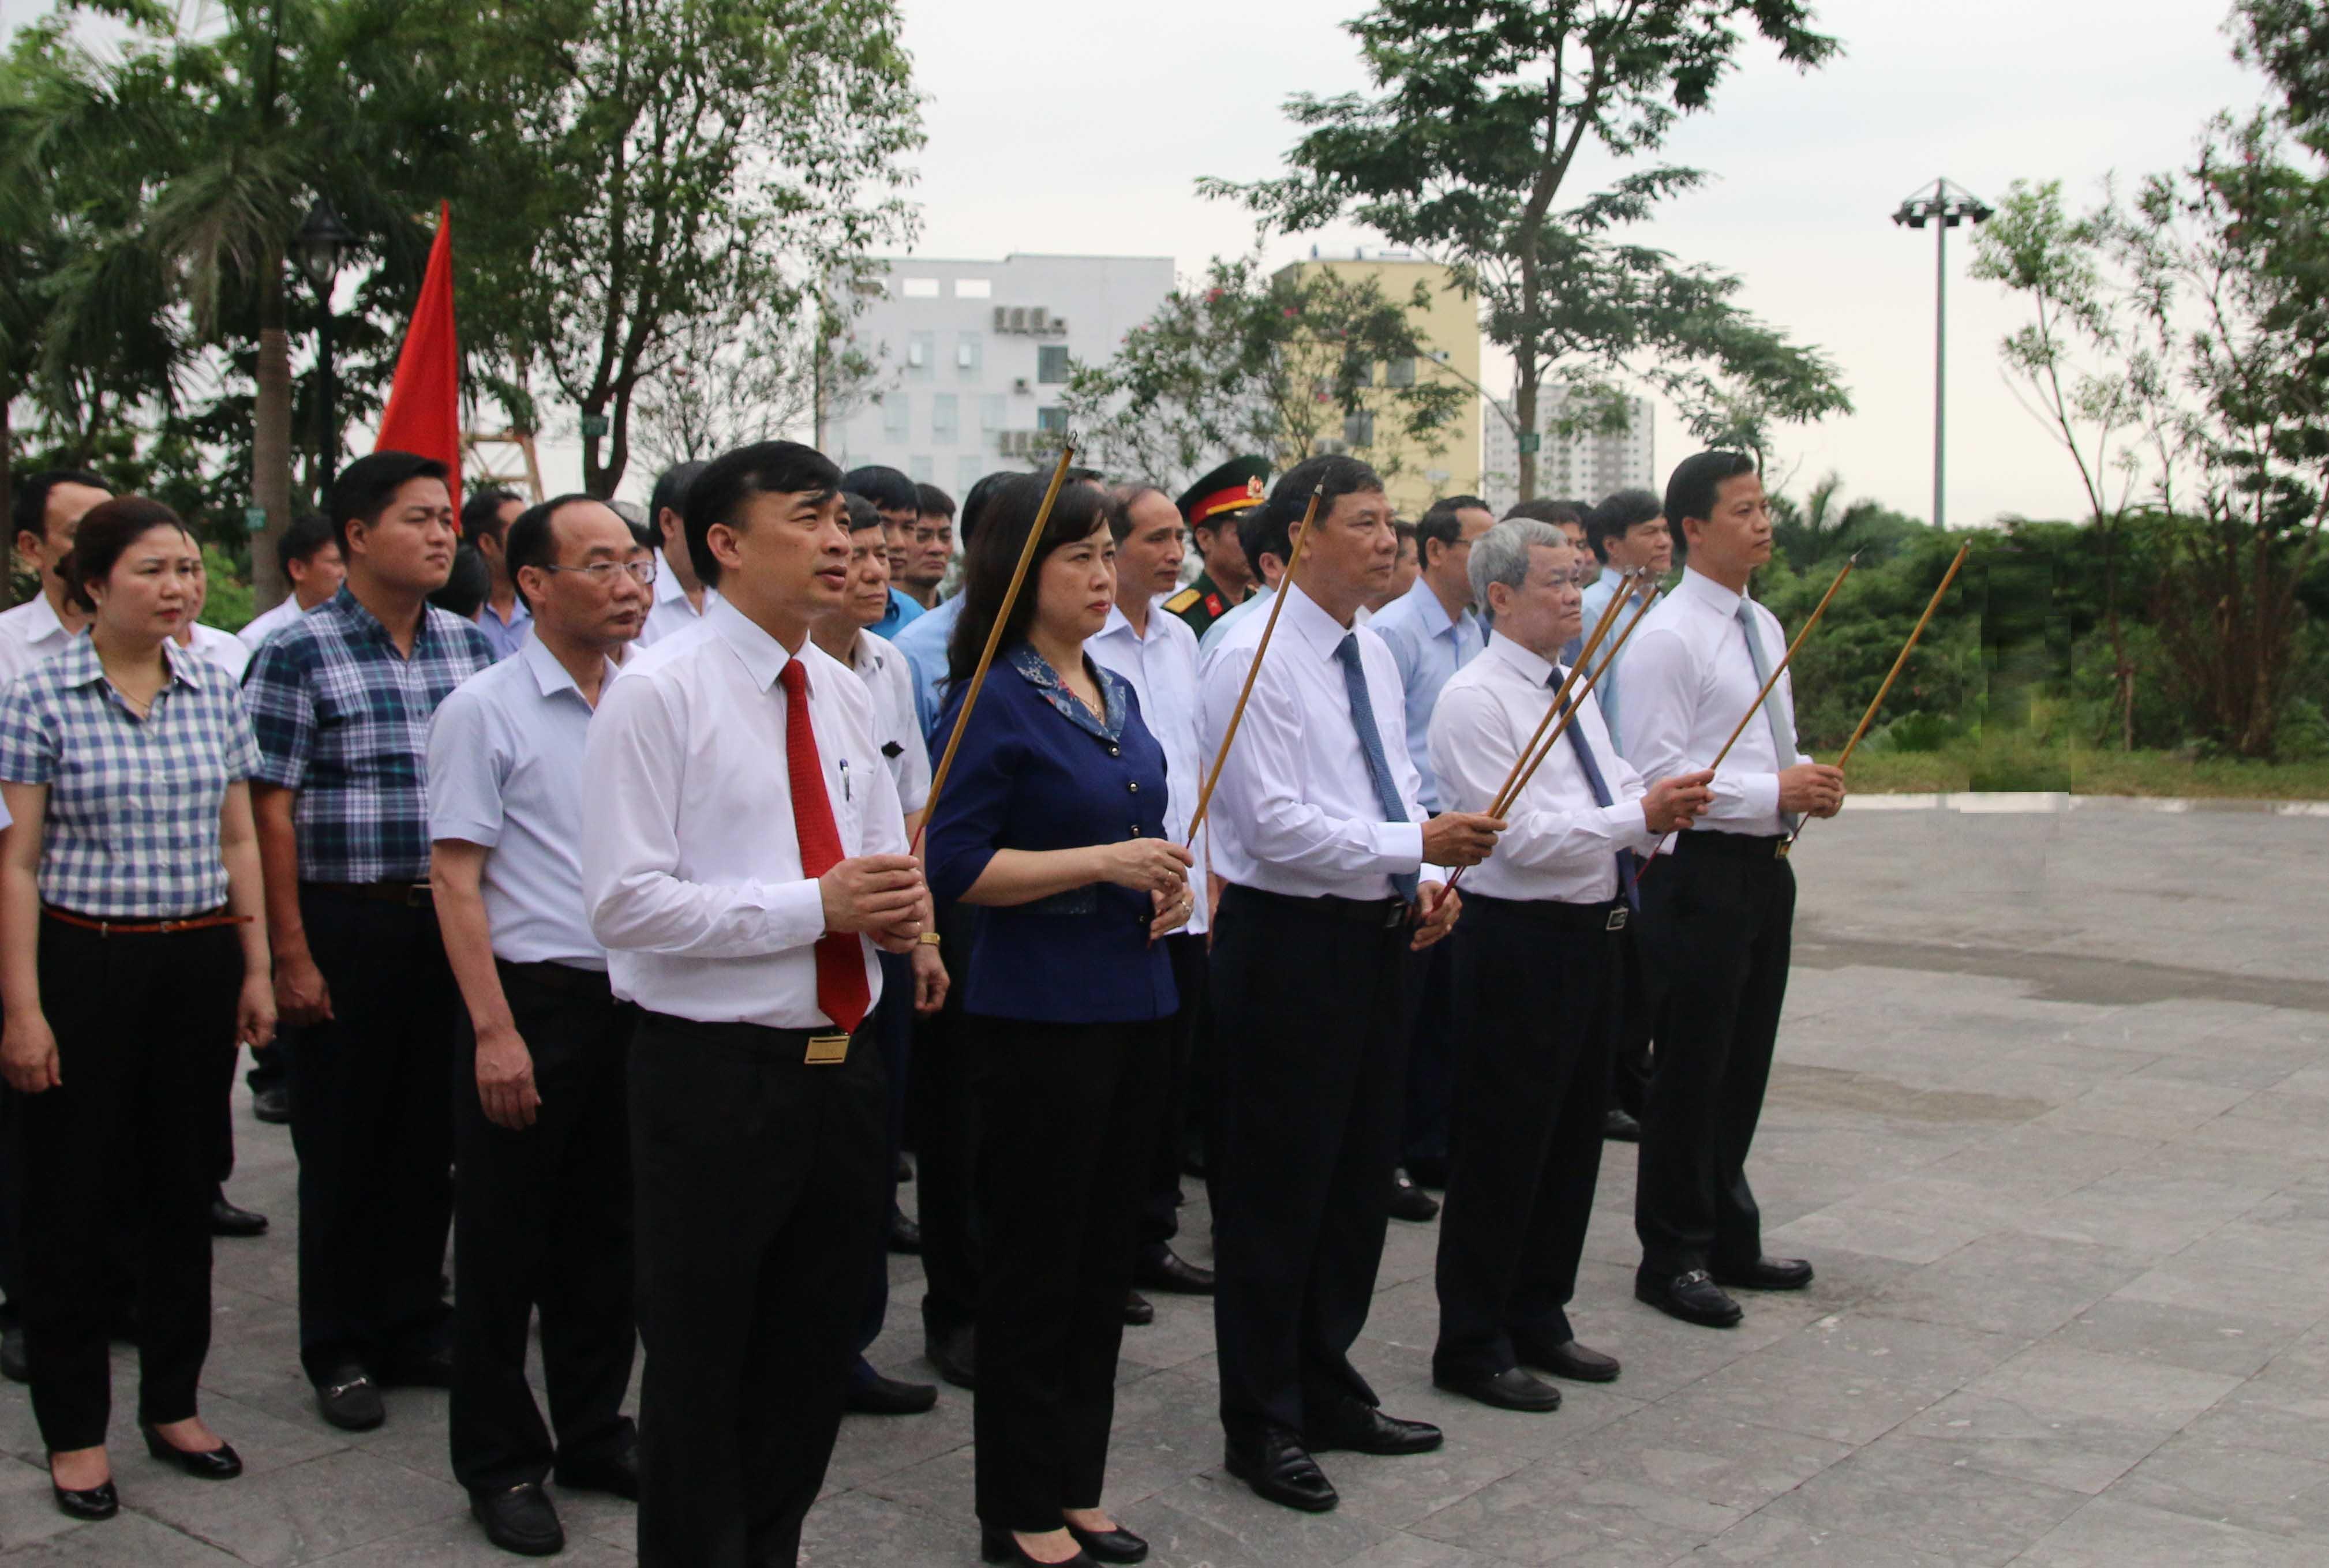 Dâng hương tưởng niệm nhân kỷ niệm 114 năm ngày sinh đồng chí Hoàng Quốc Việt